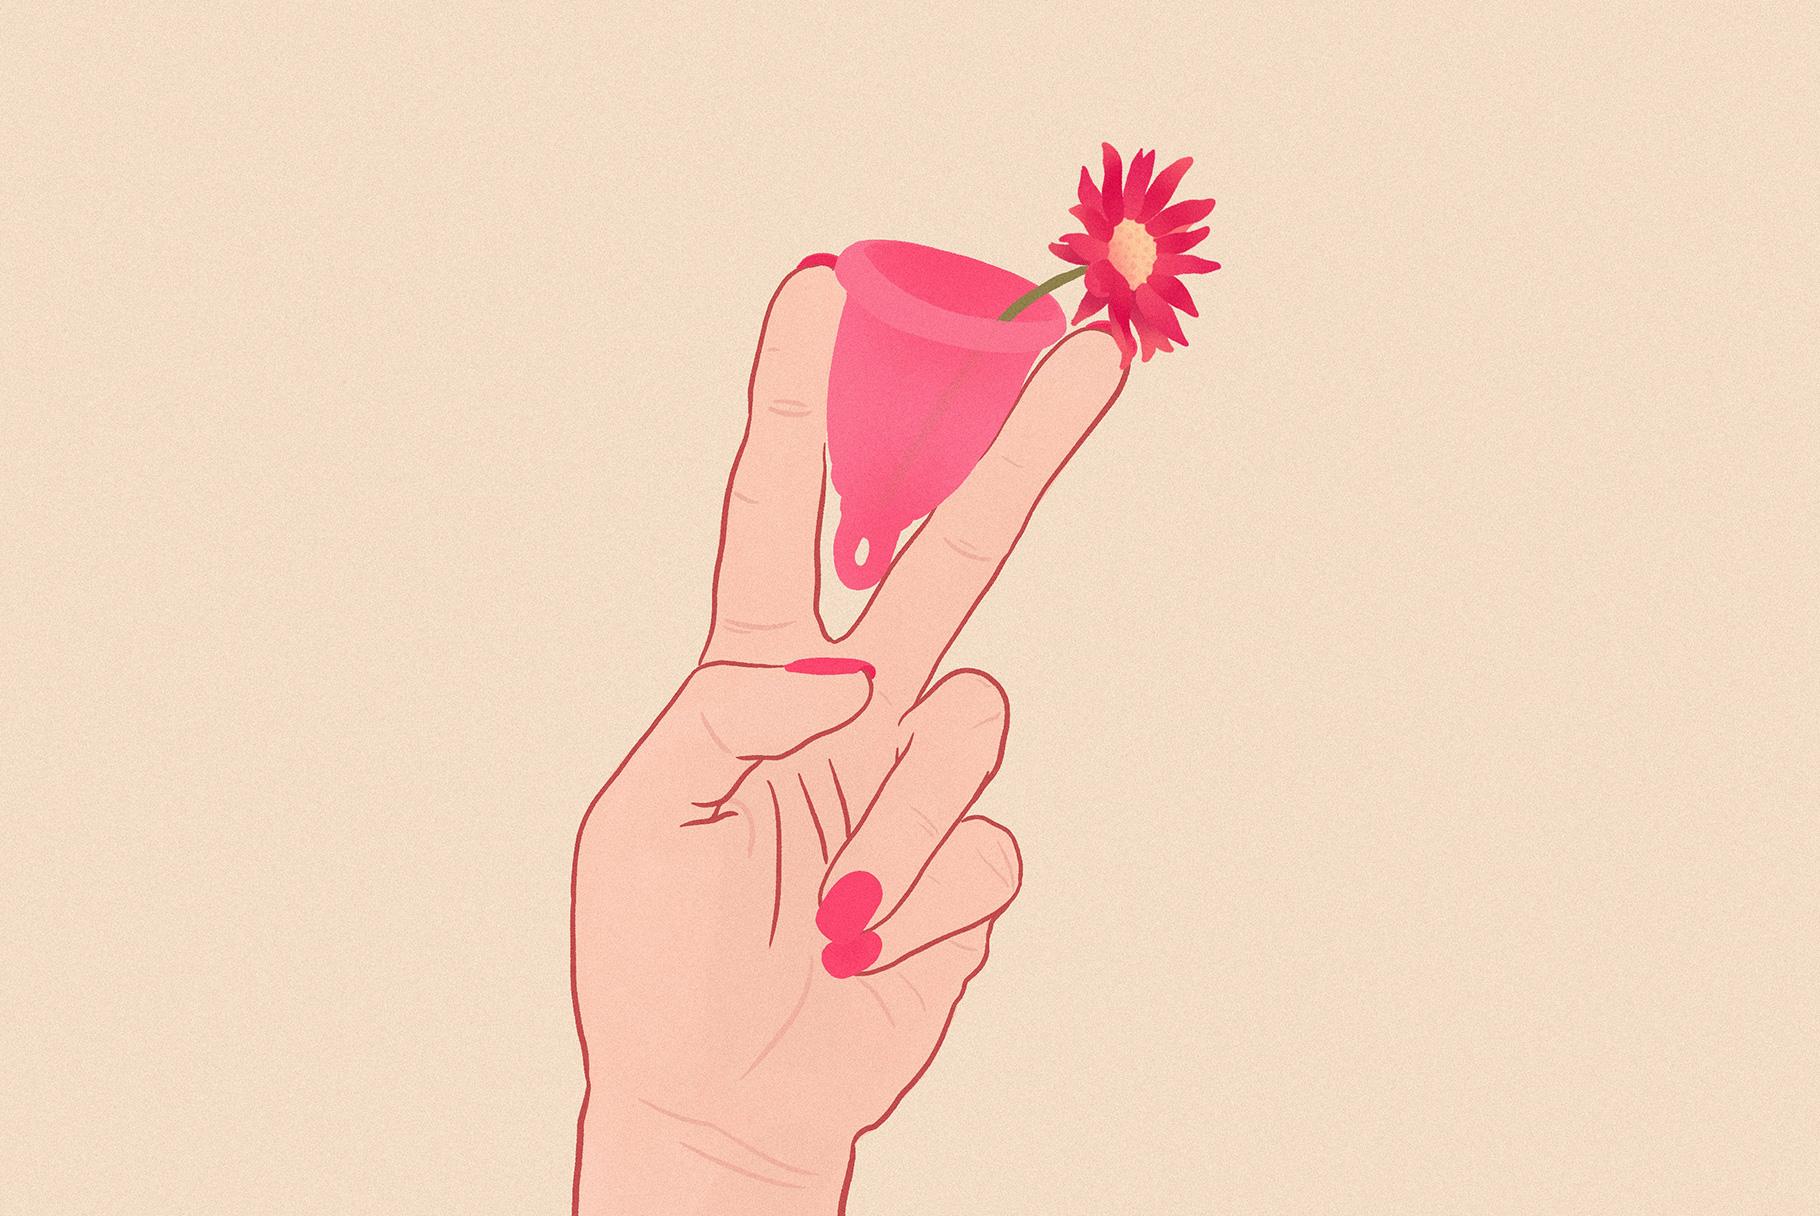 Kubeczki menstruacyjne – jak używać, jak czyścić i jaki rozmiar wybrać? | Poradnik